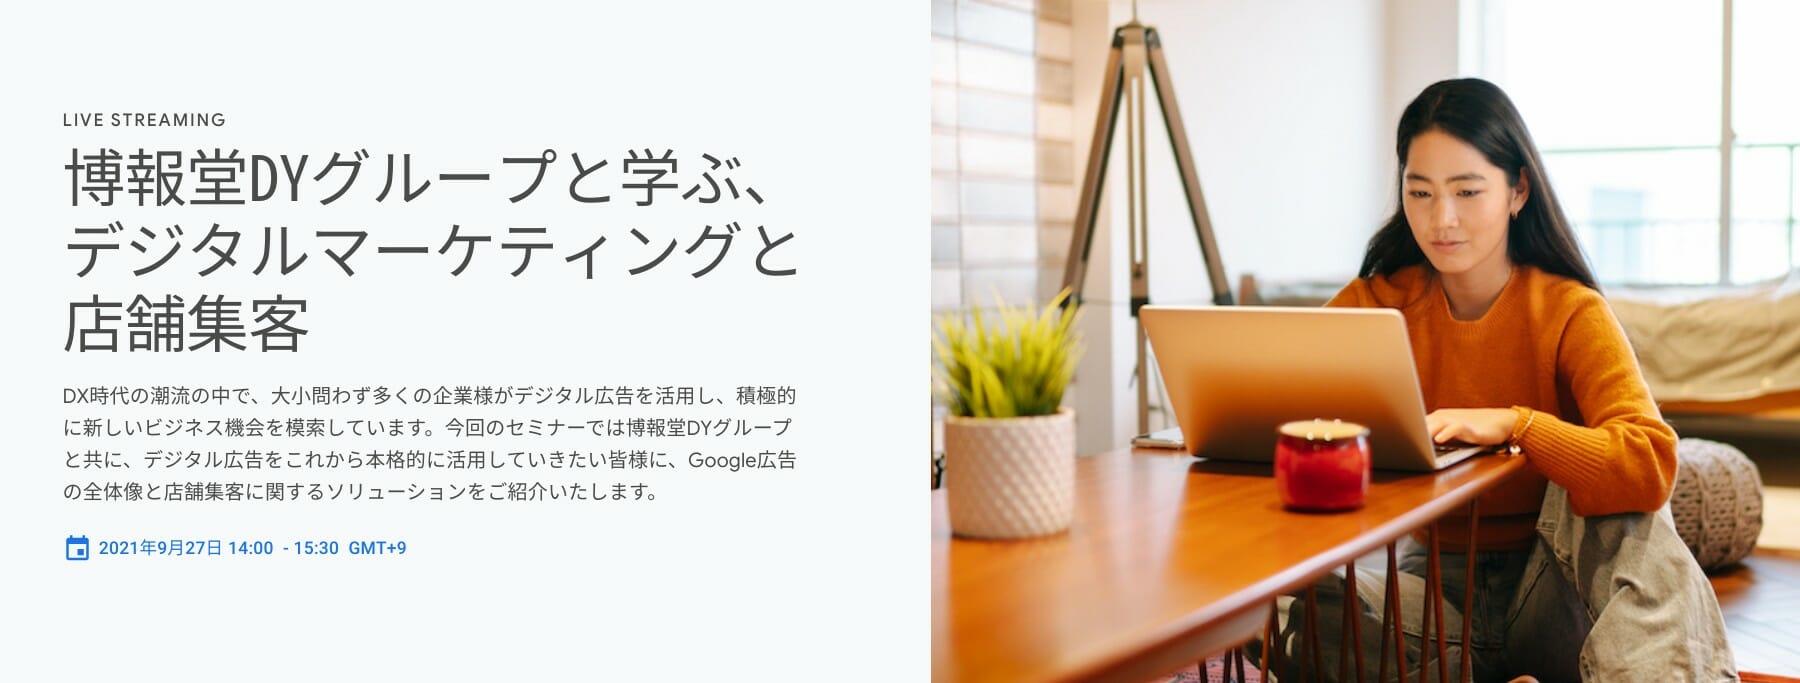 [Google 広告] 博報堂DYグループと学ぶ、デジタルマーケティングと店舗集客